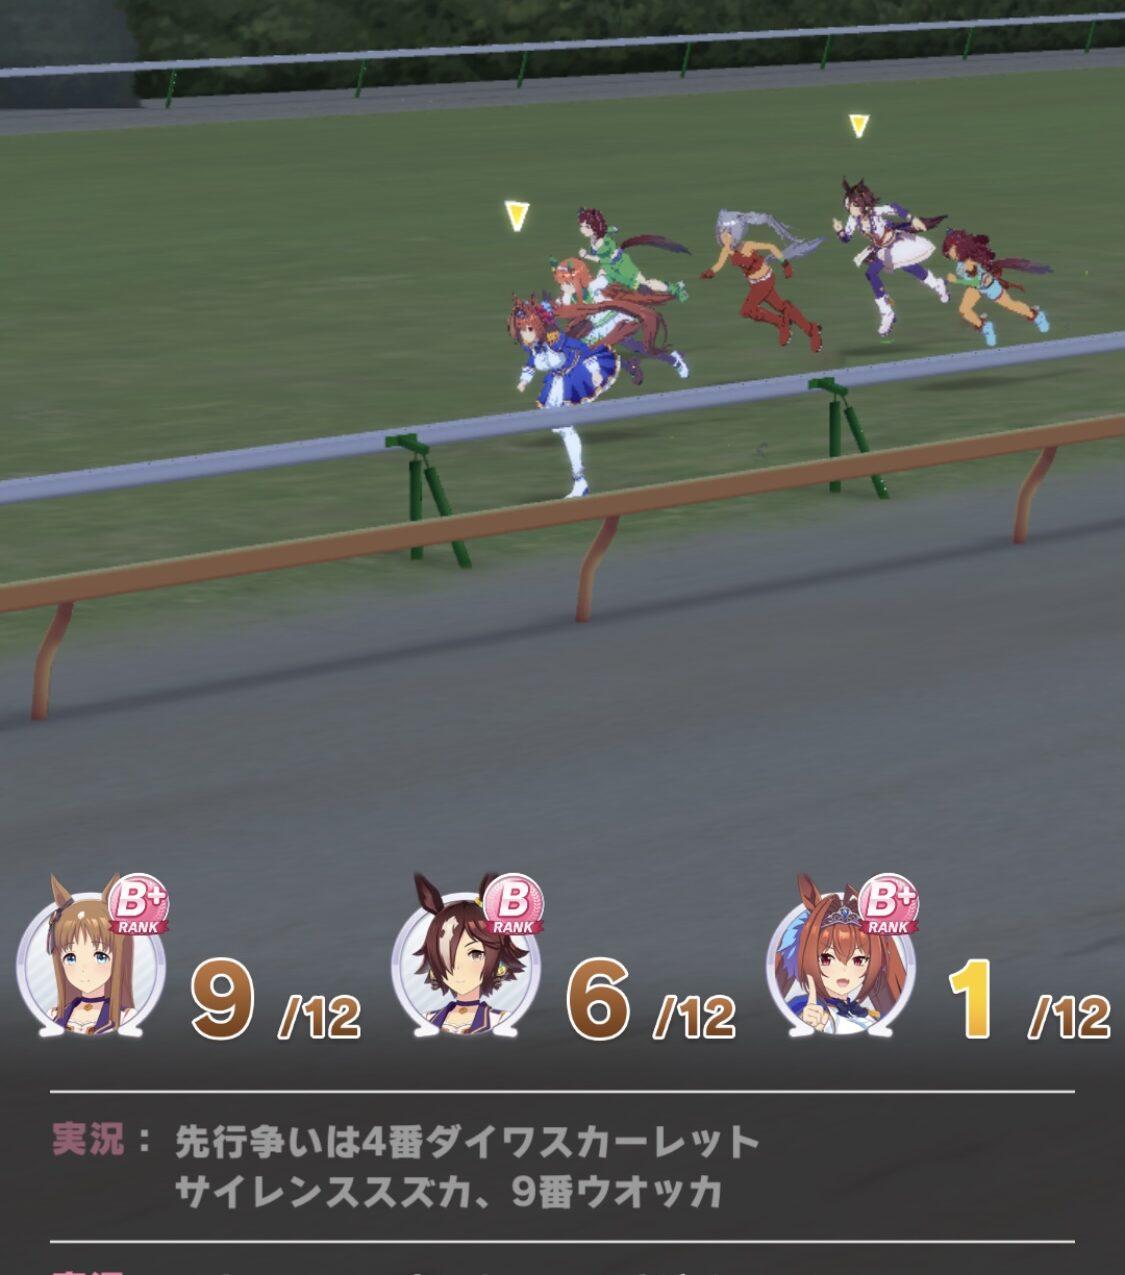 ウマ娘のレース